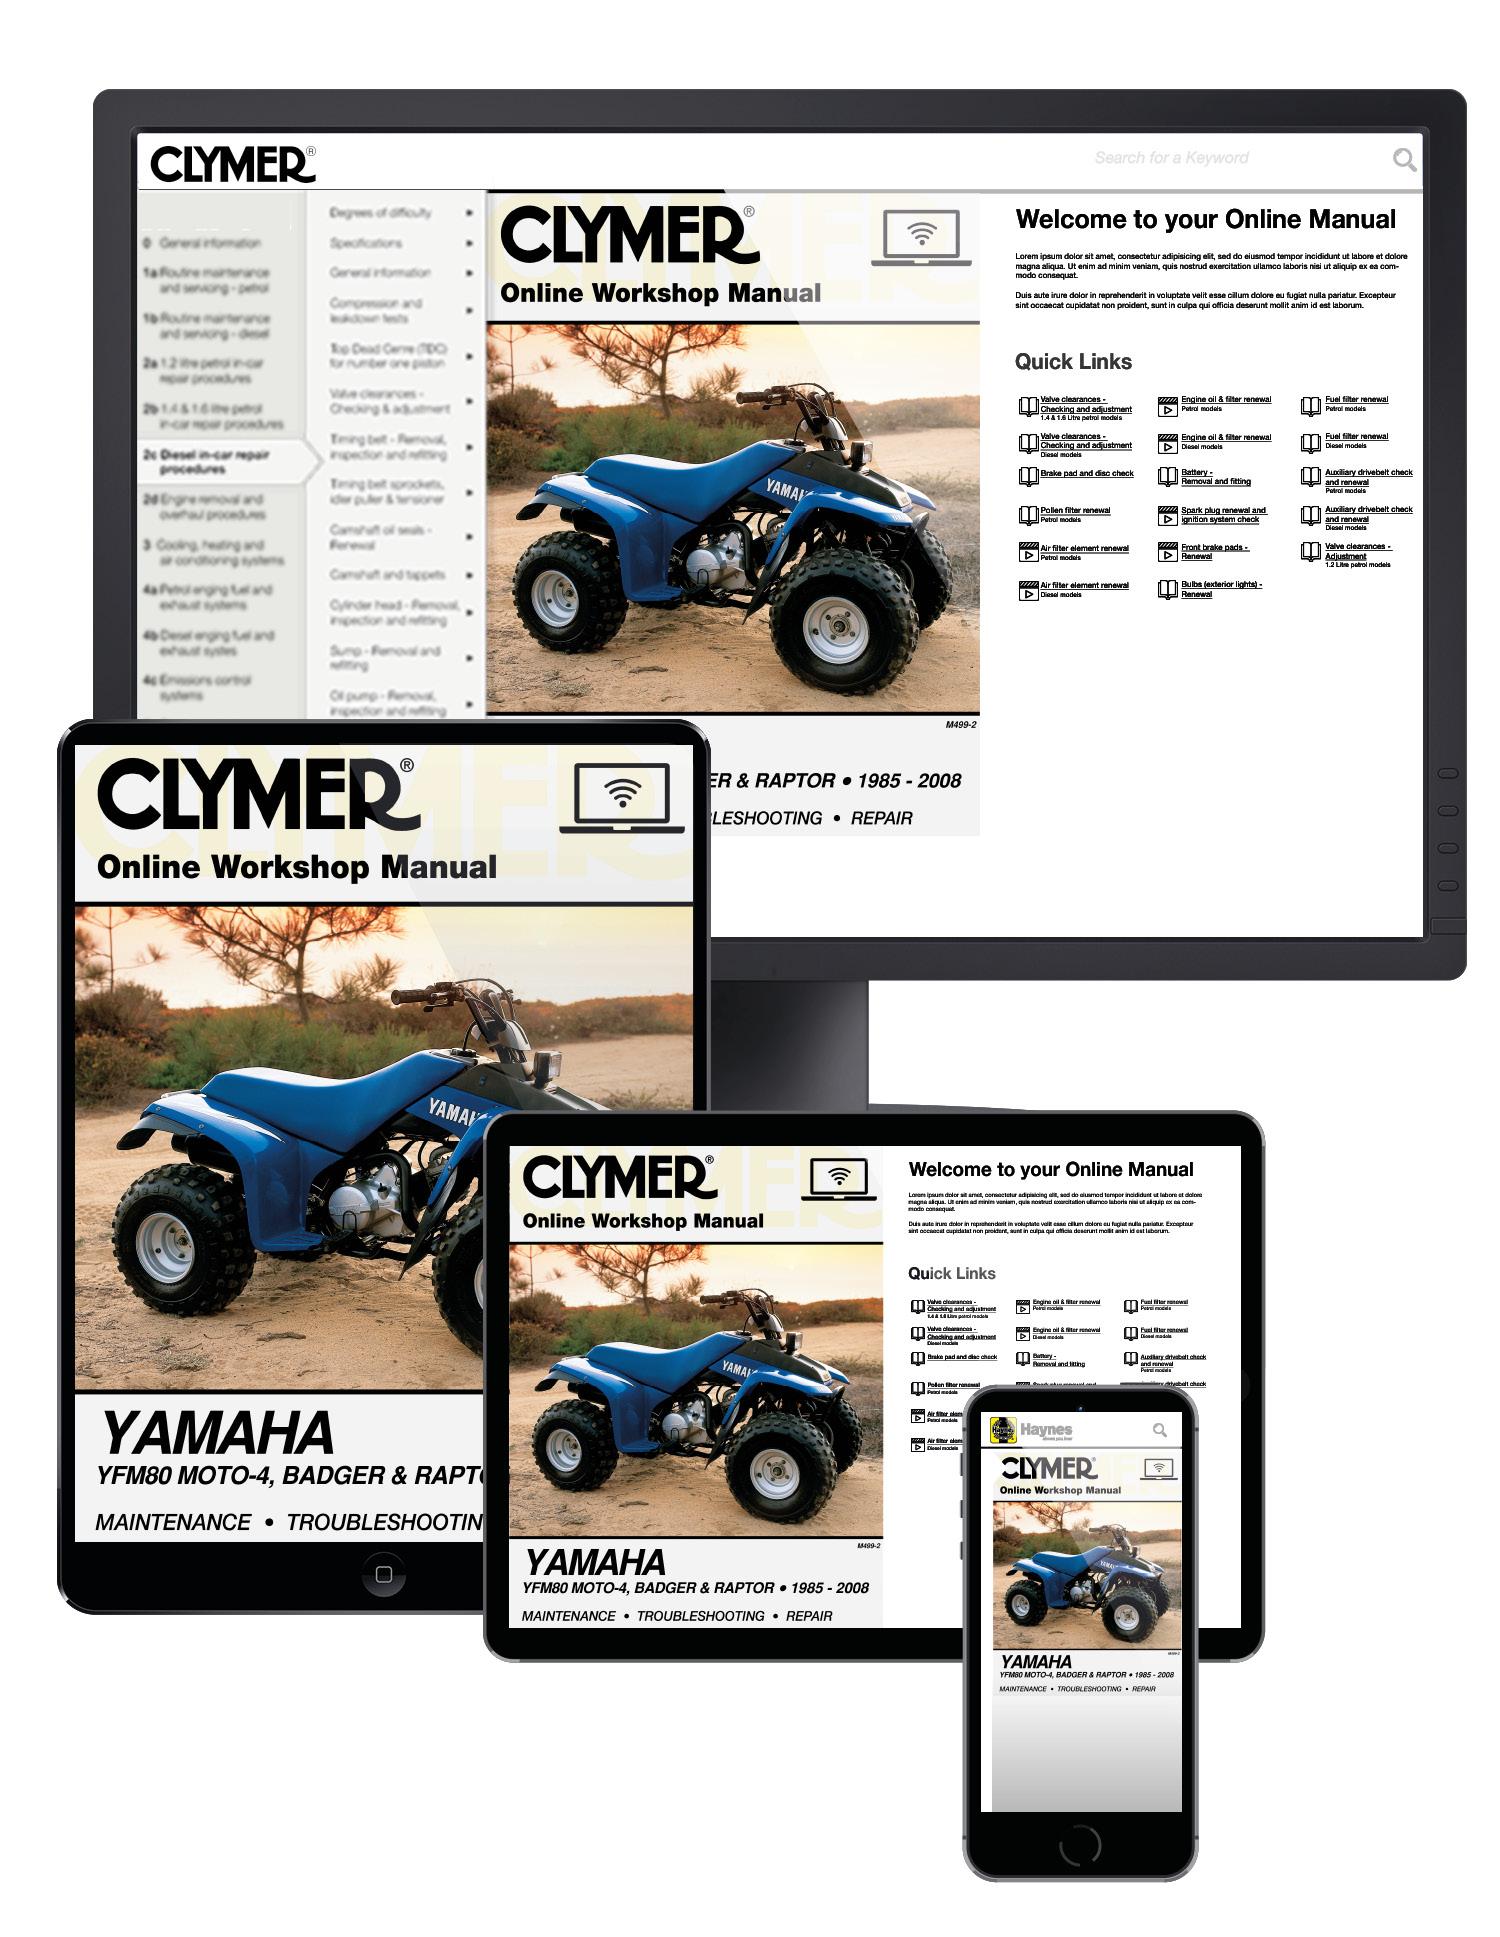 Yamaha YFM80 Moto-4, Badger and Raptor ATV (1985-2008) Service Repair Manual Online Manual